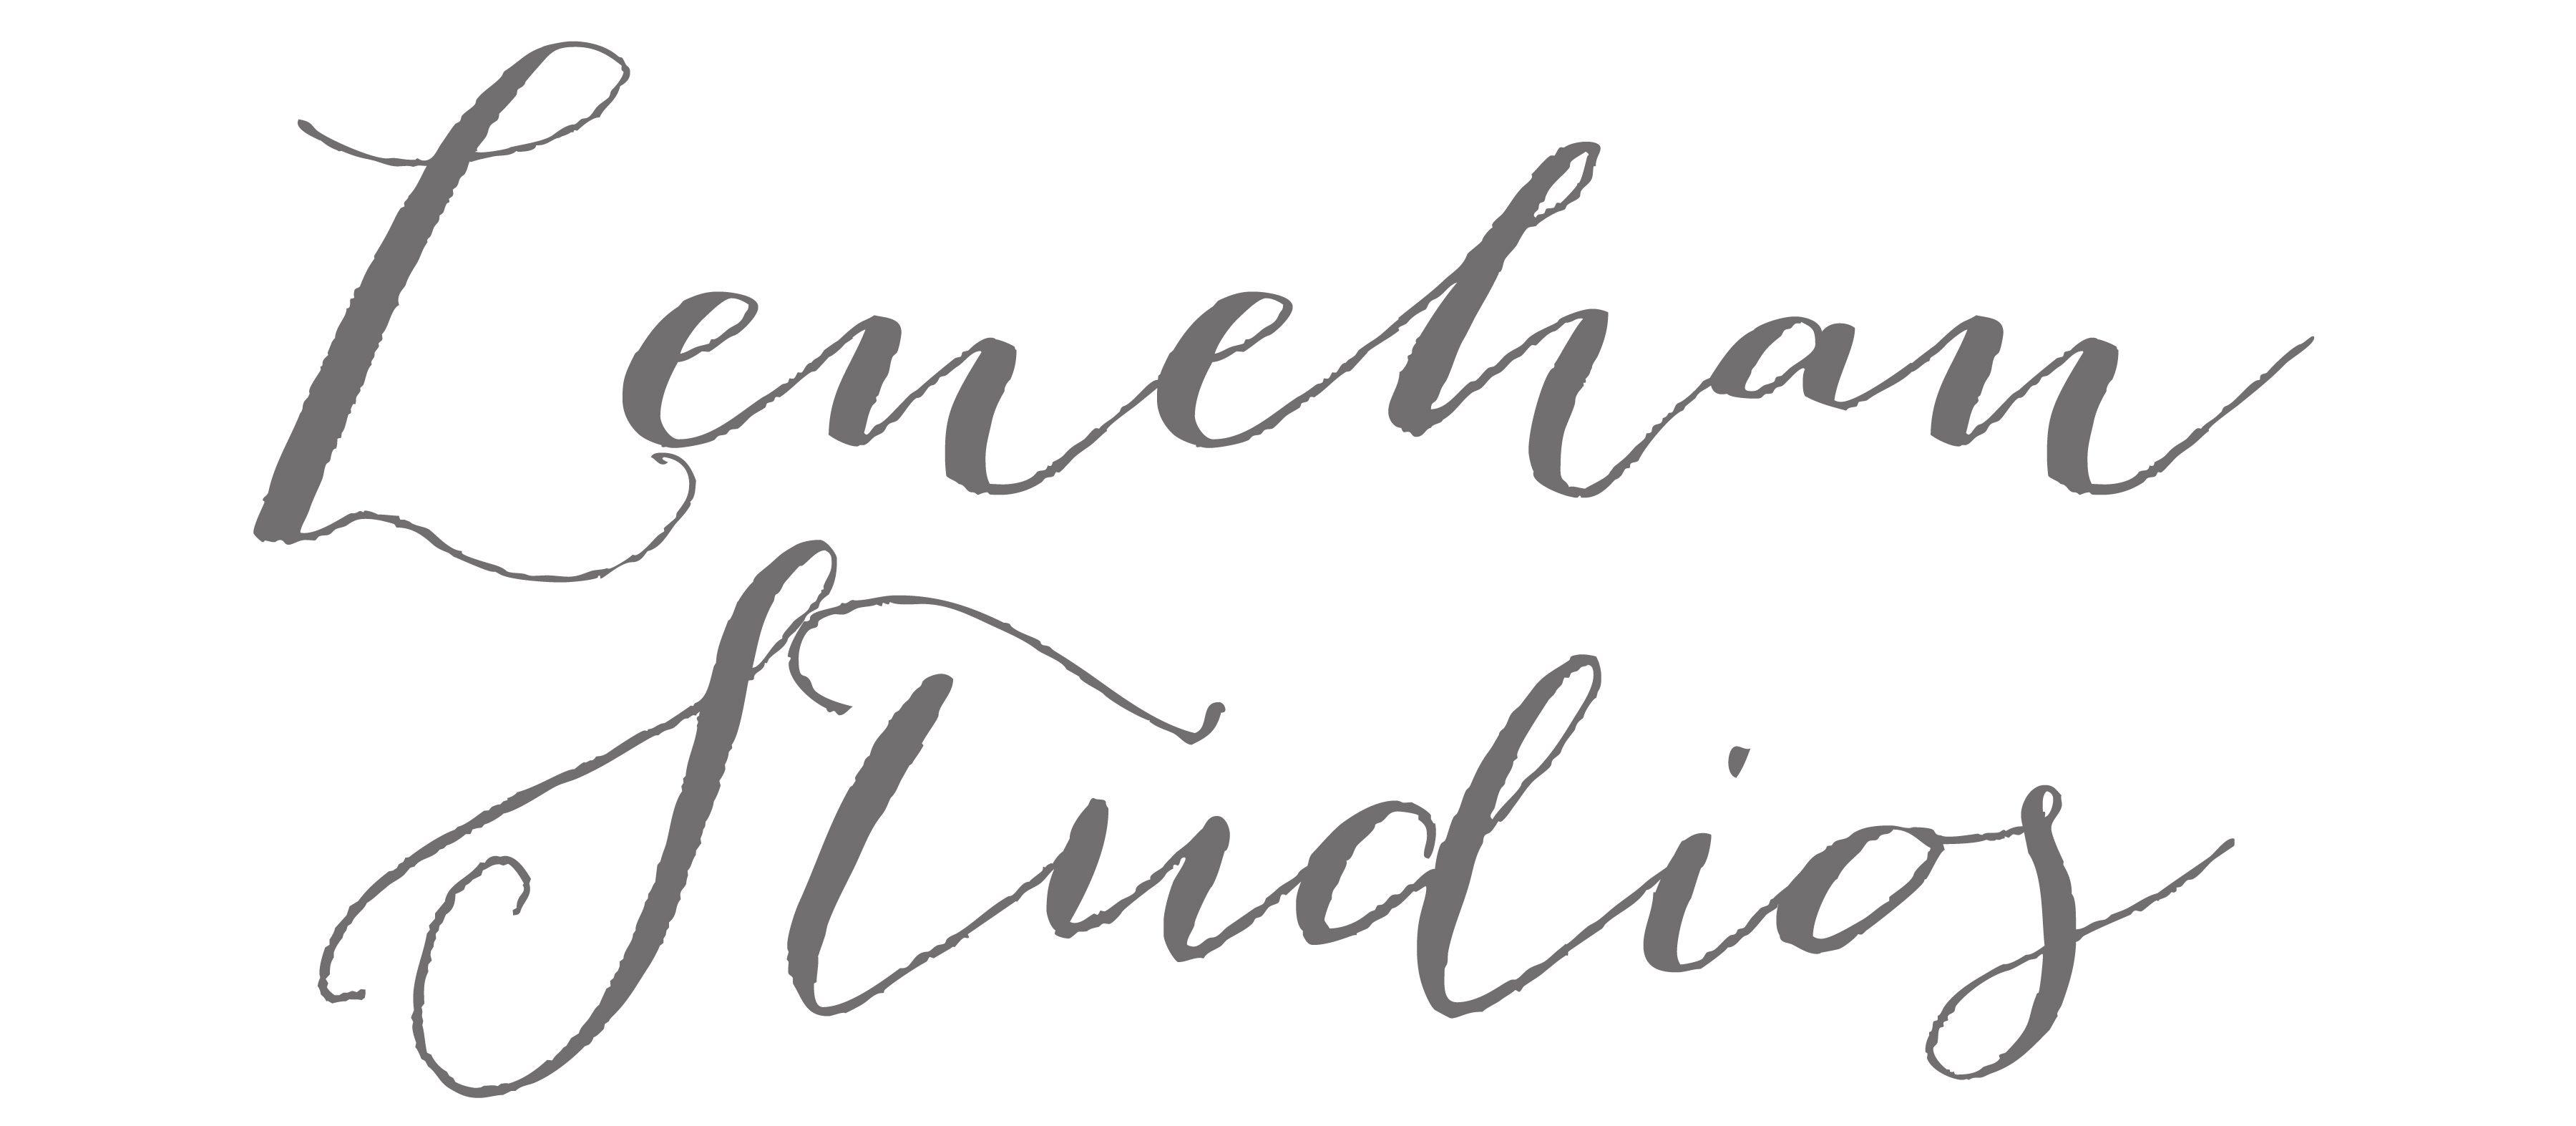 cropped-lenehan-studios-logo.jpg